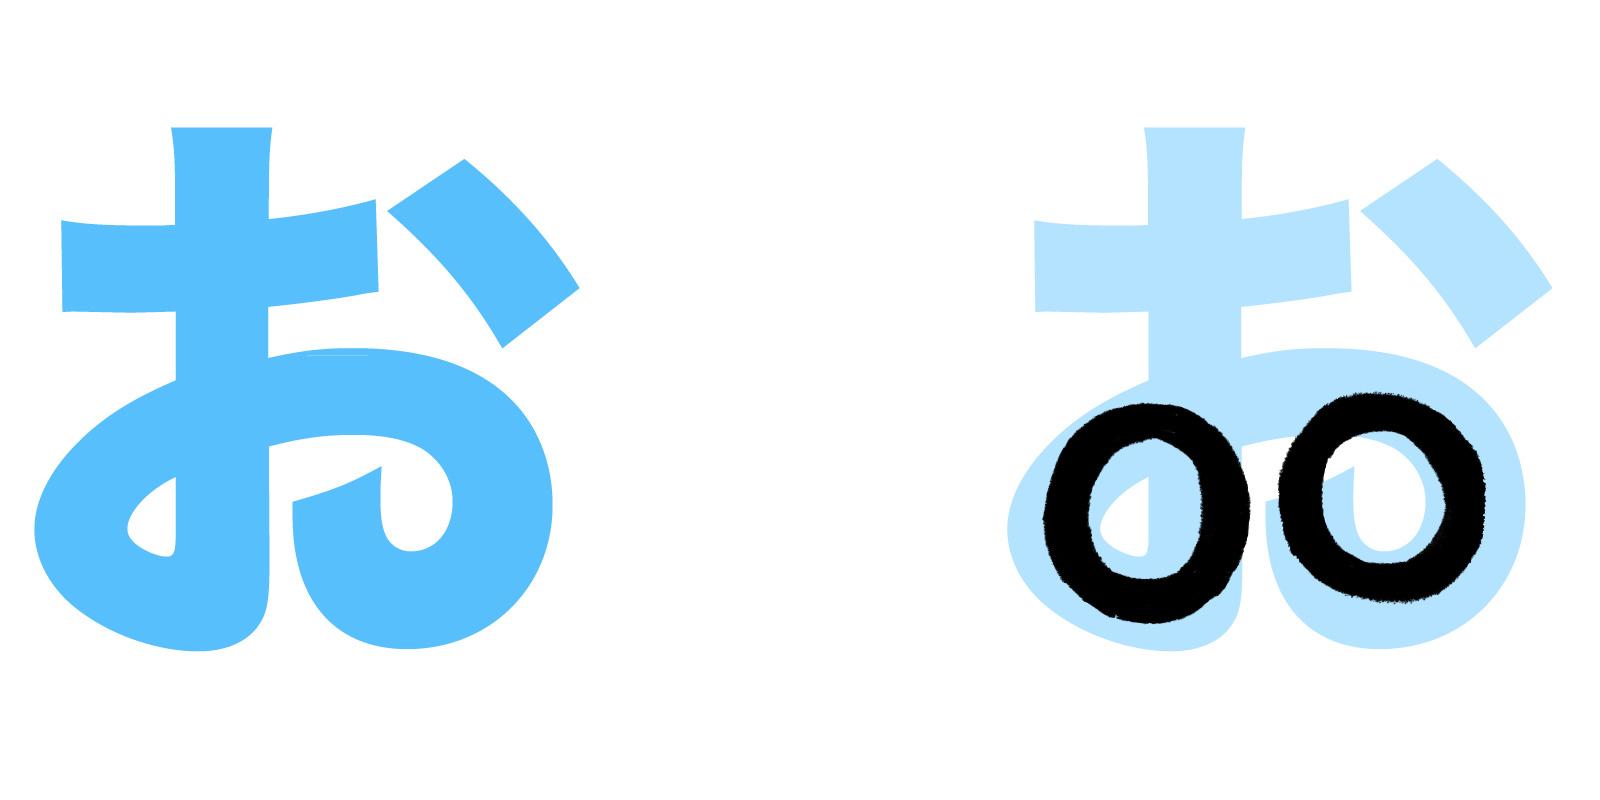 お hiragana mnemonic